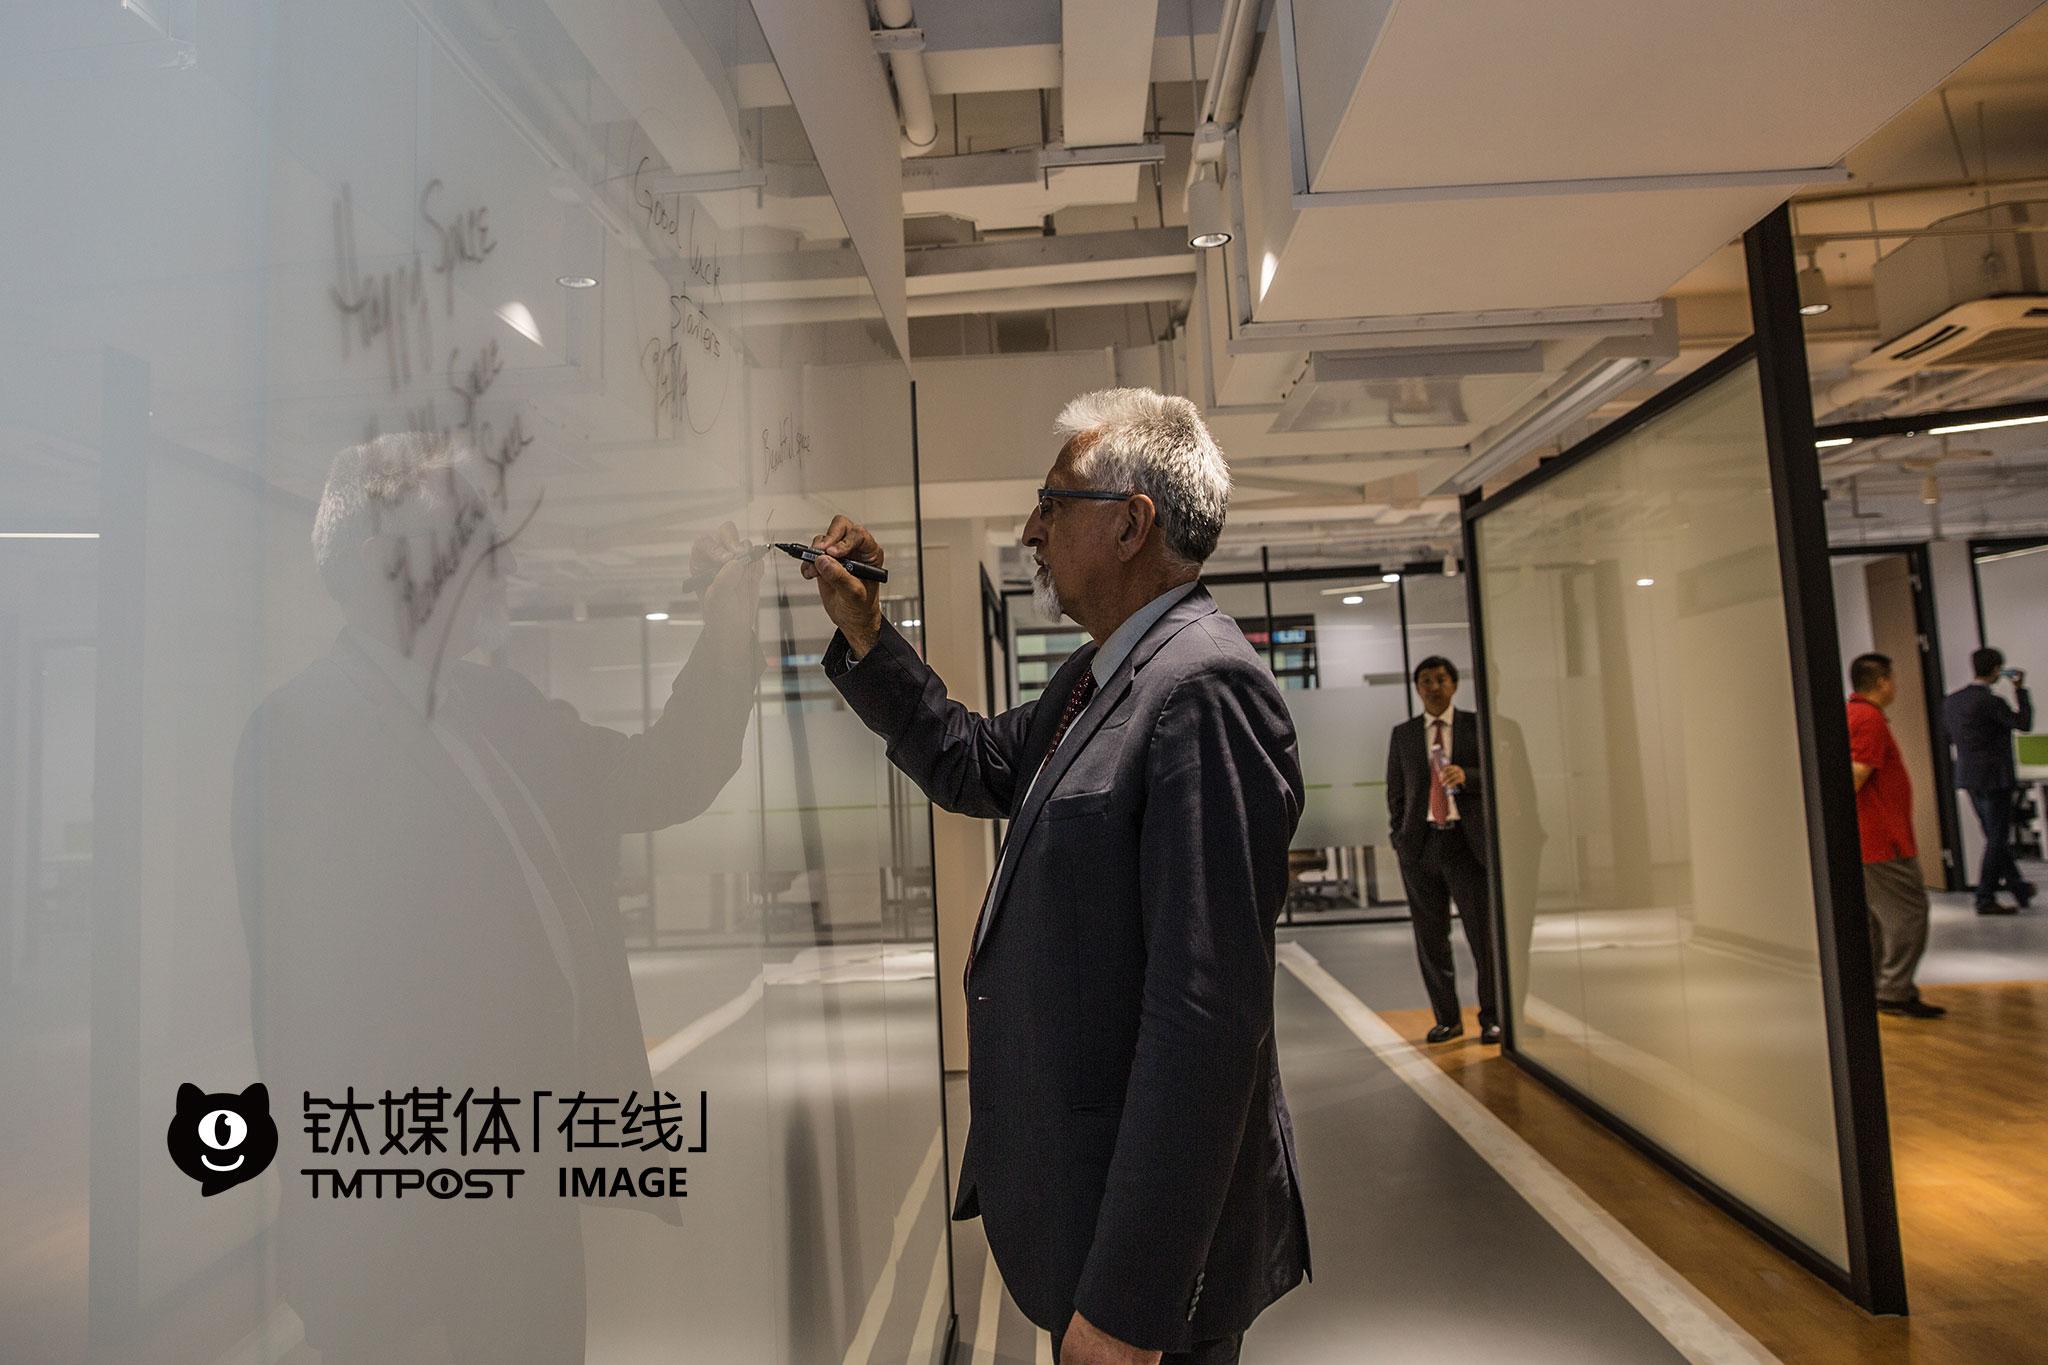 市长们应邀参观PNP孵化器位于上海的新址,瑞趣芒德市副市长Eduardo Martinez在公共区域的玻璃墙上写下祝愿。Plug and Play是一家来自硅谷的孵化器,据报道已为2000多家创业型公司服务过,包括Dropbox、PayPal等知名企业。PNP已进入中国上海、苏州、重庆等地。